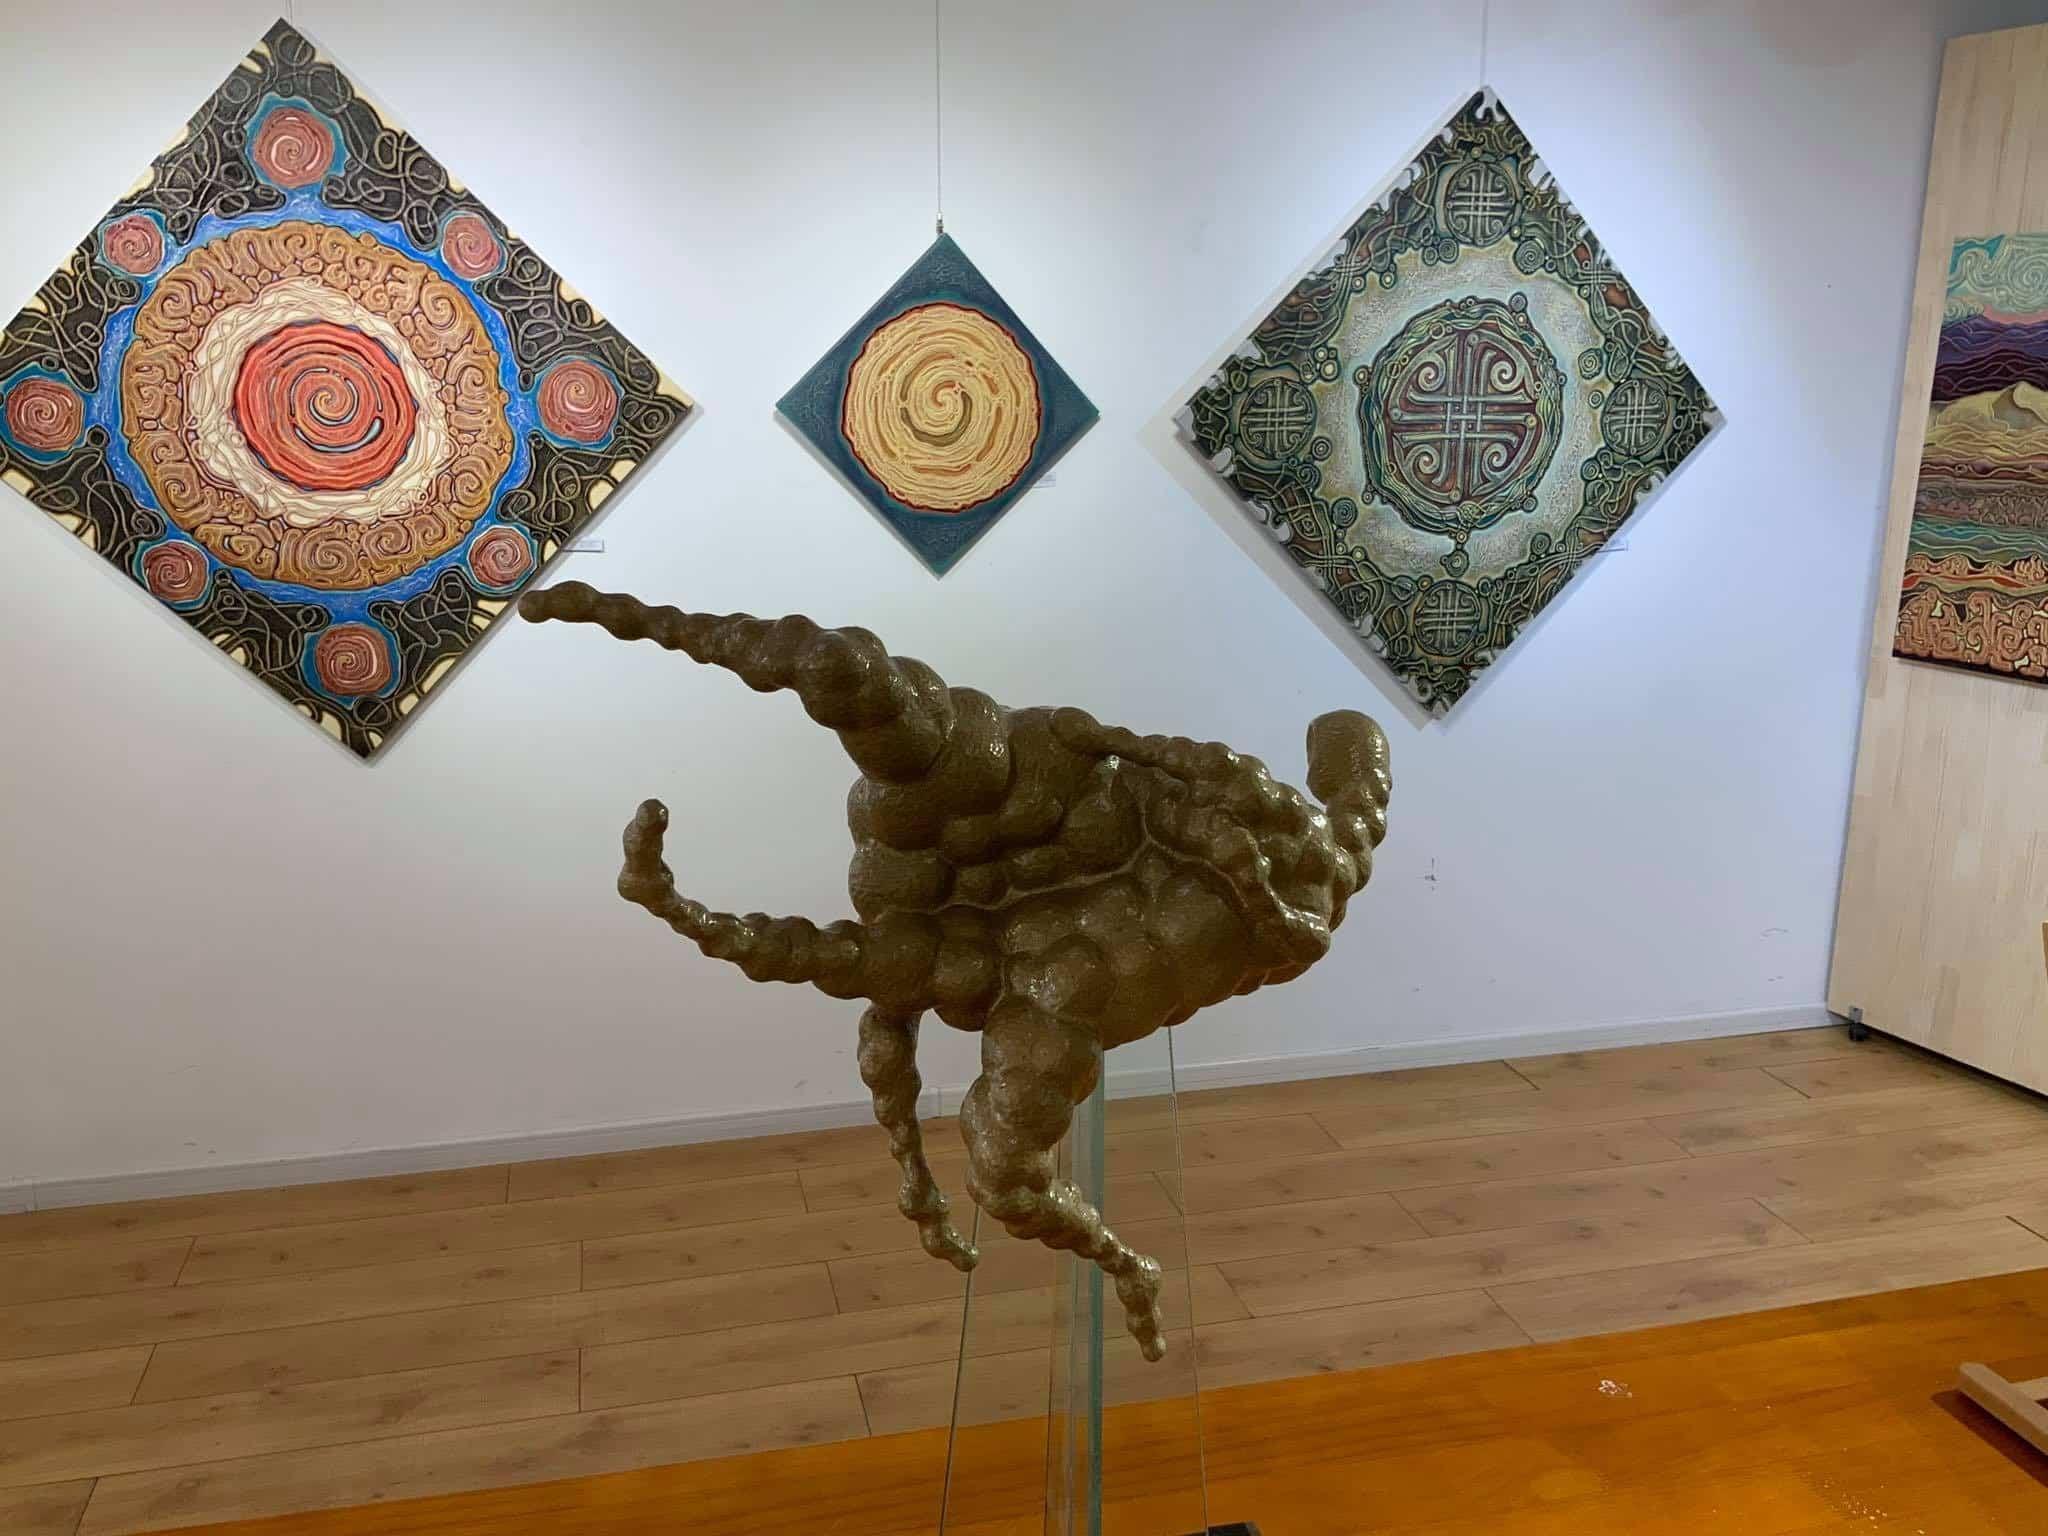 visiter oulan bator : la galerie Altan Khaan